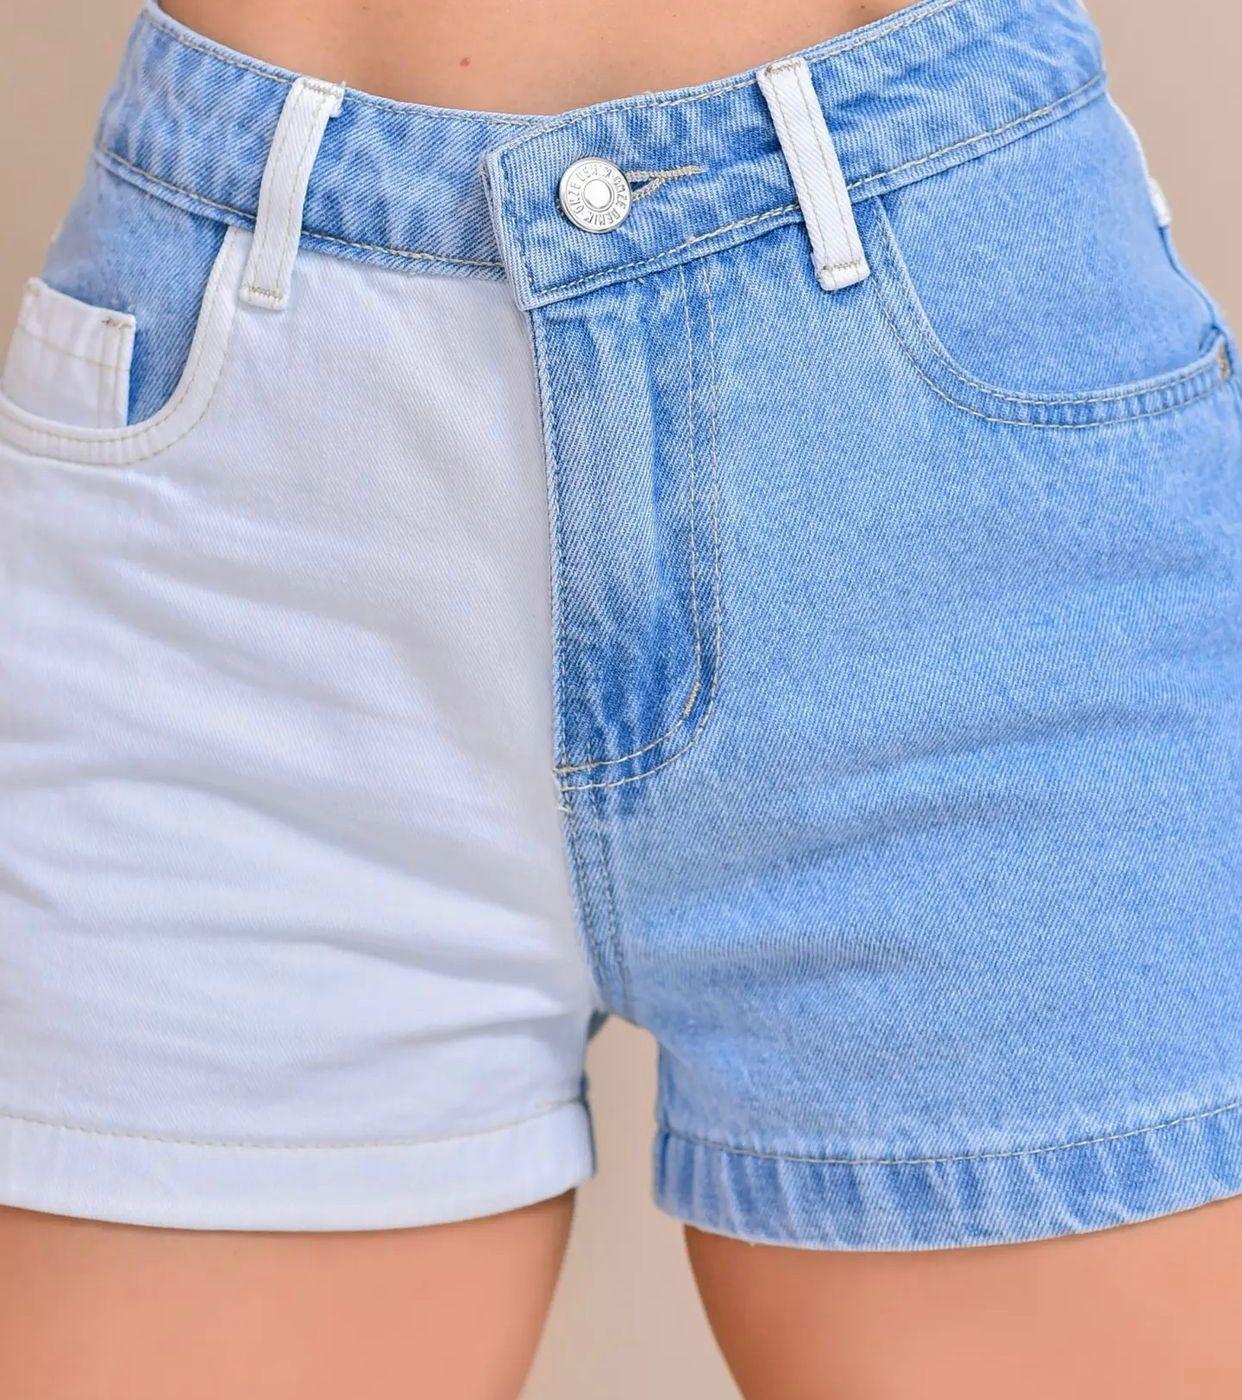 Short Jeans dual colors